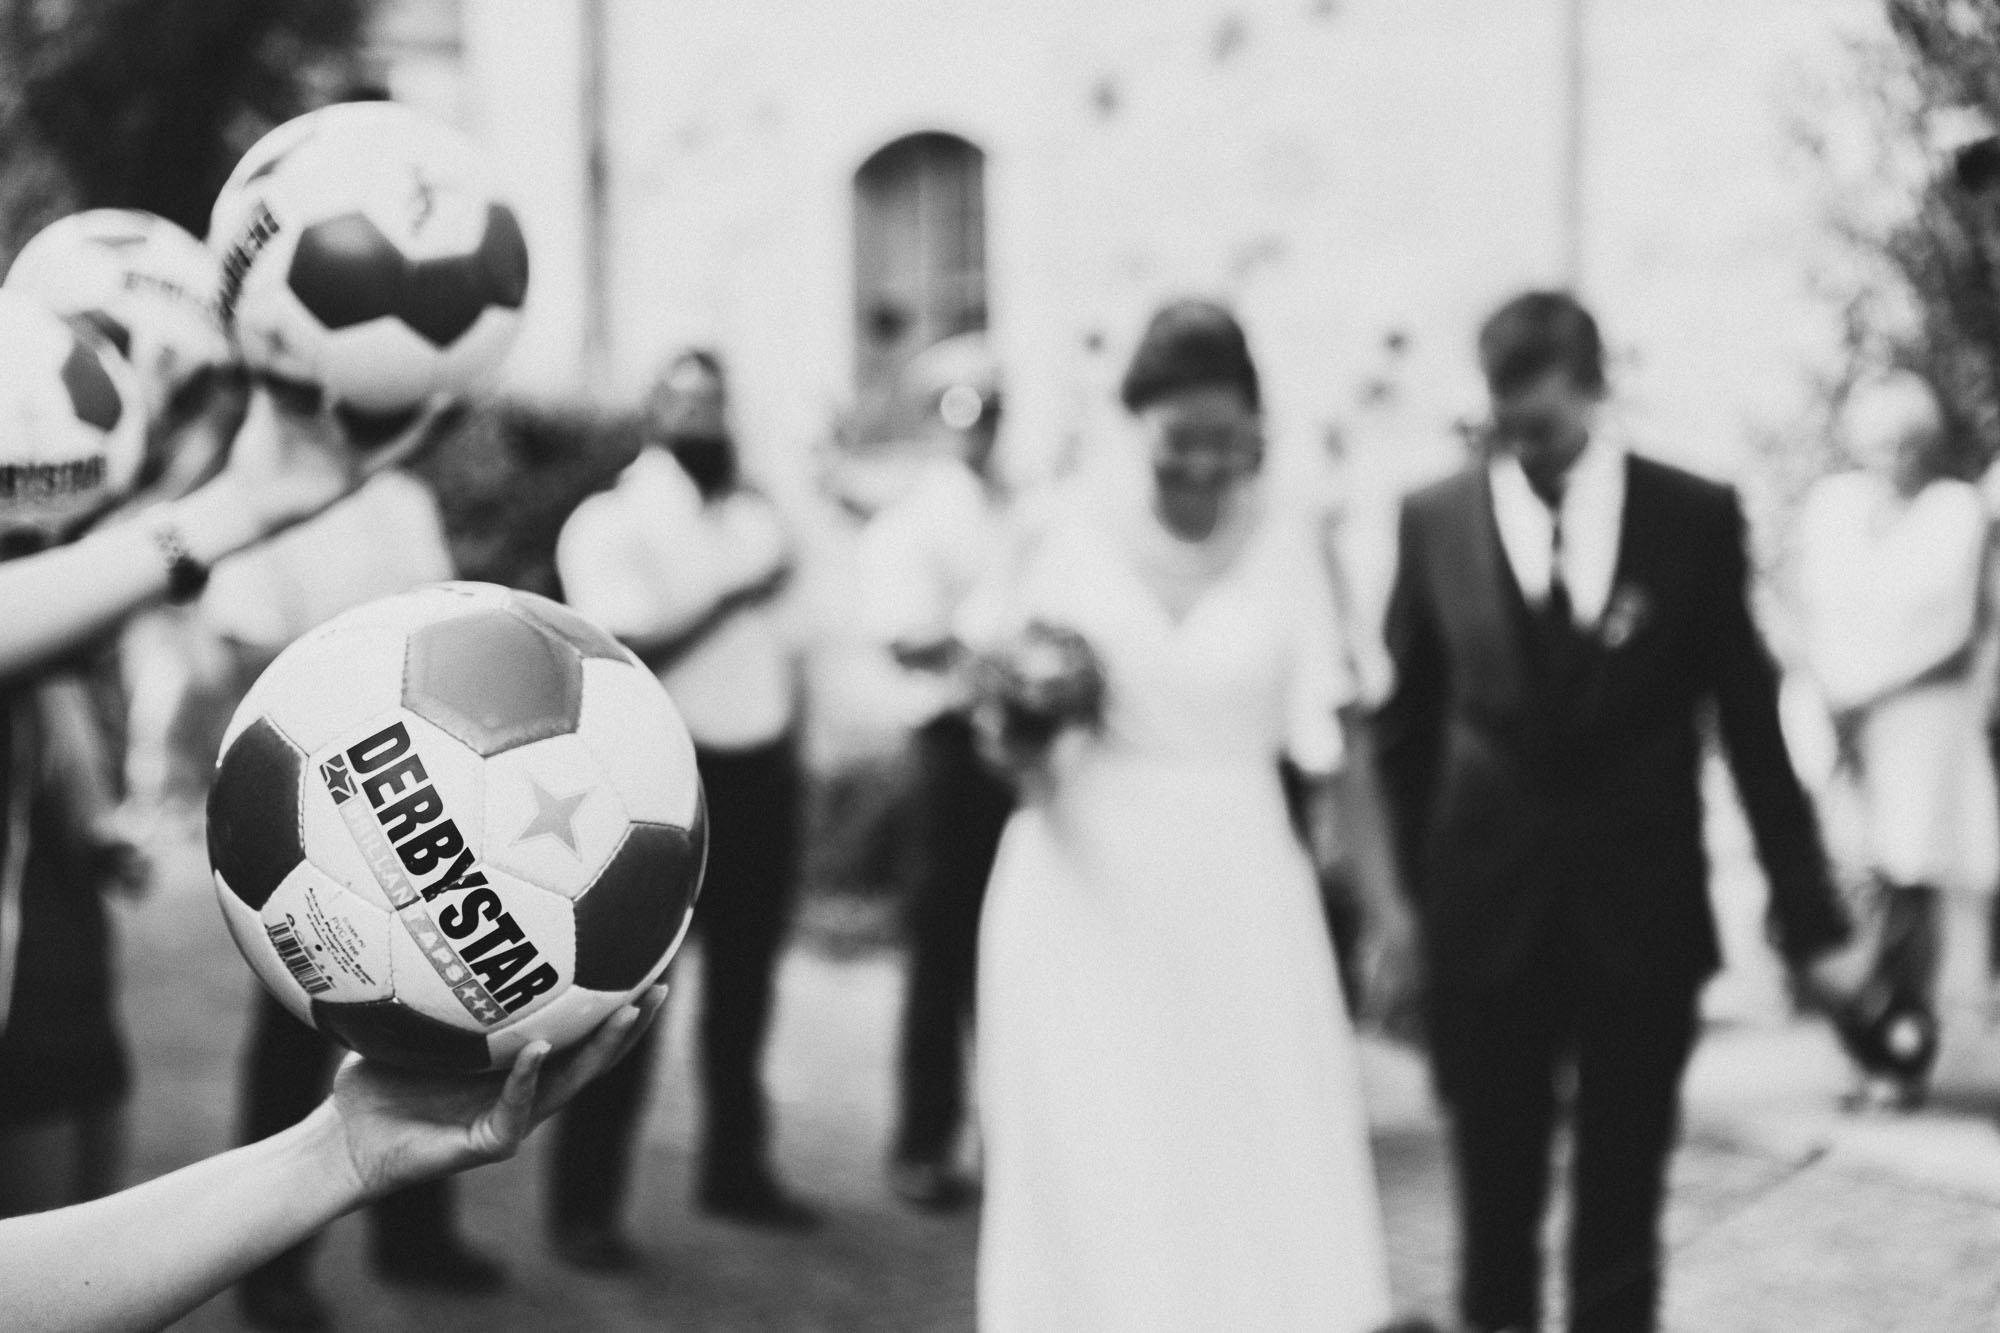 Hochzeitsreportage-Crailsheim-Krystina-Stefan-52